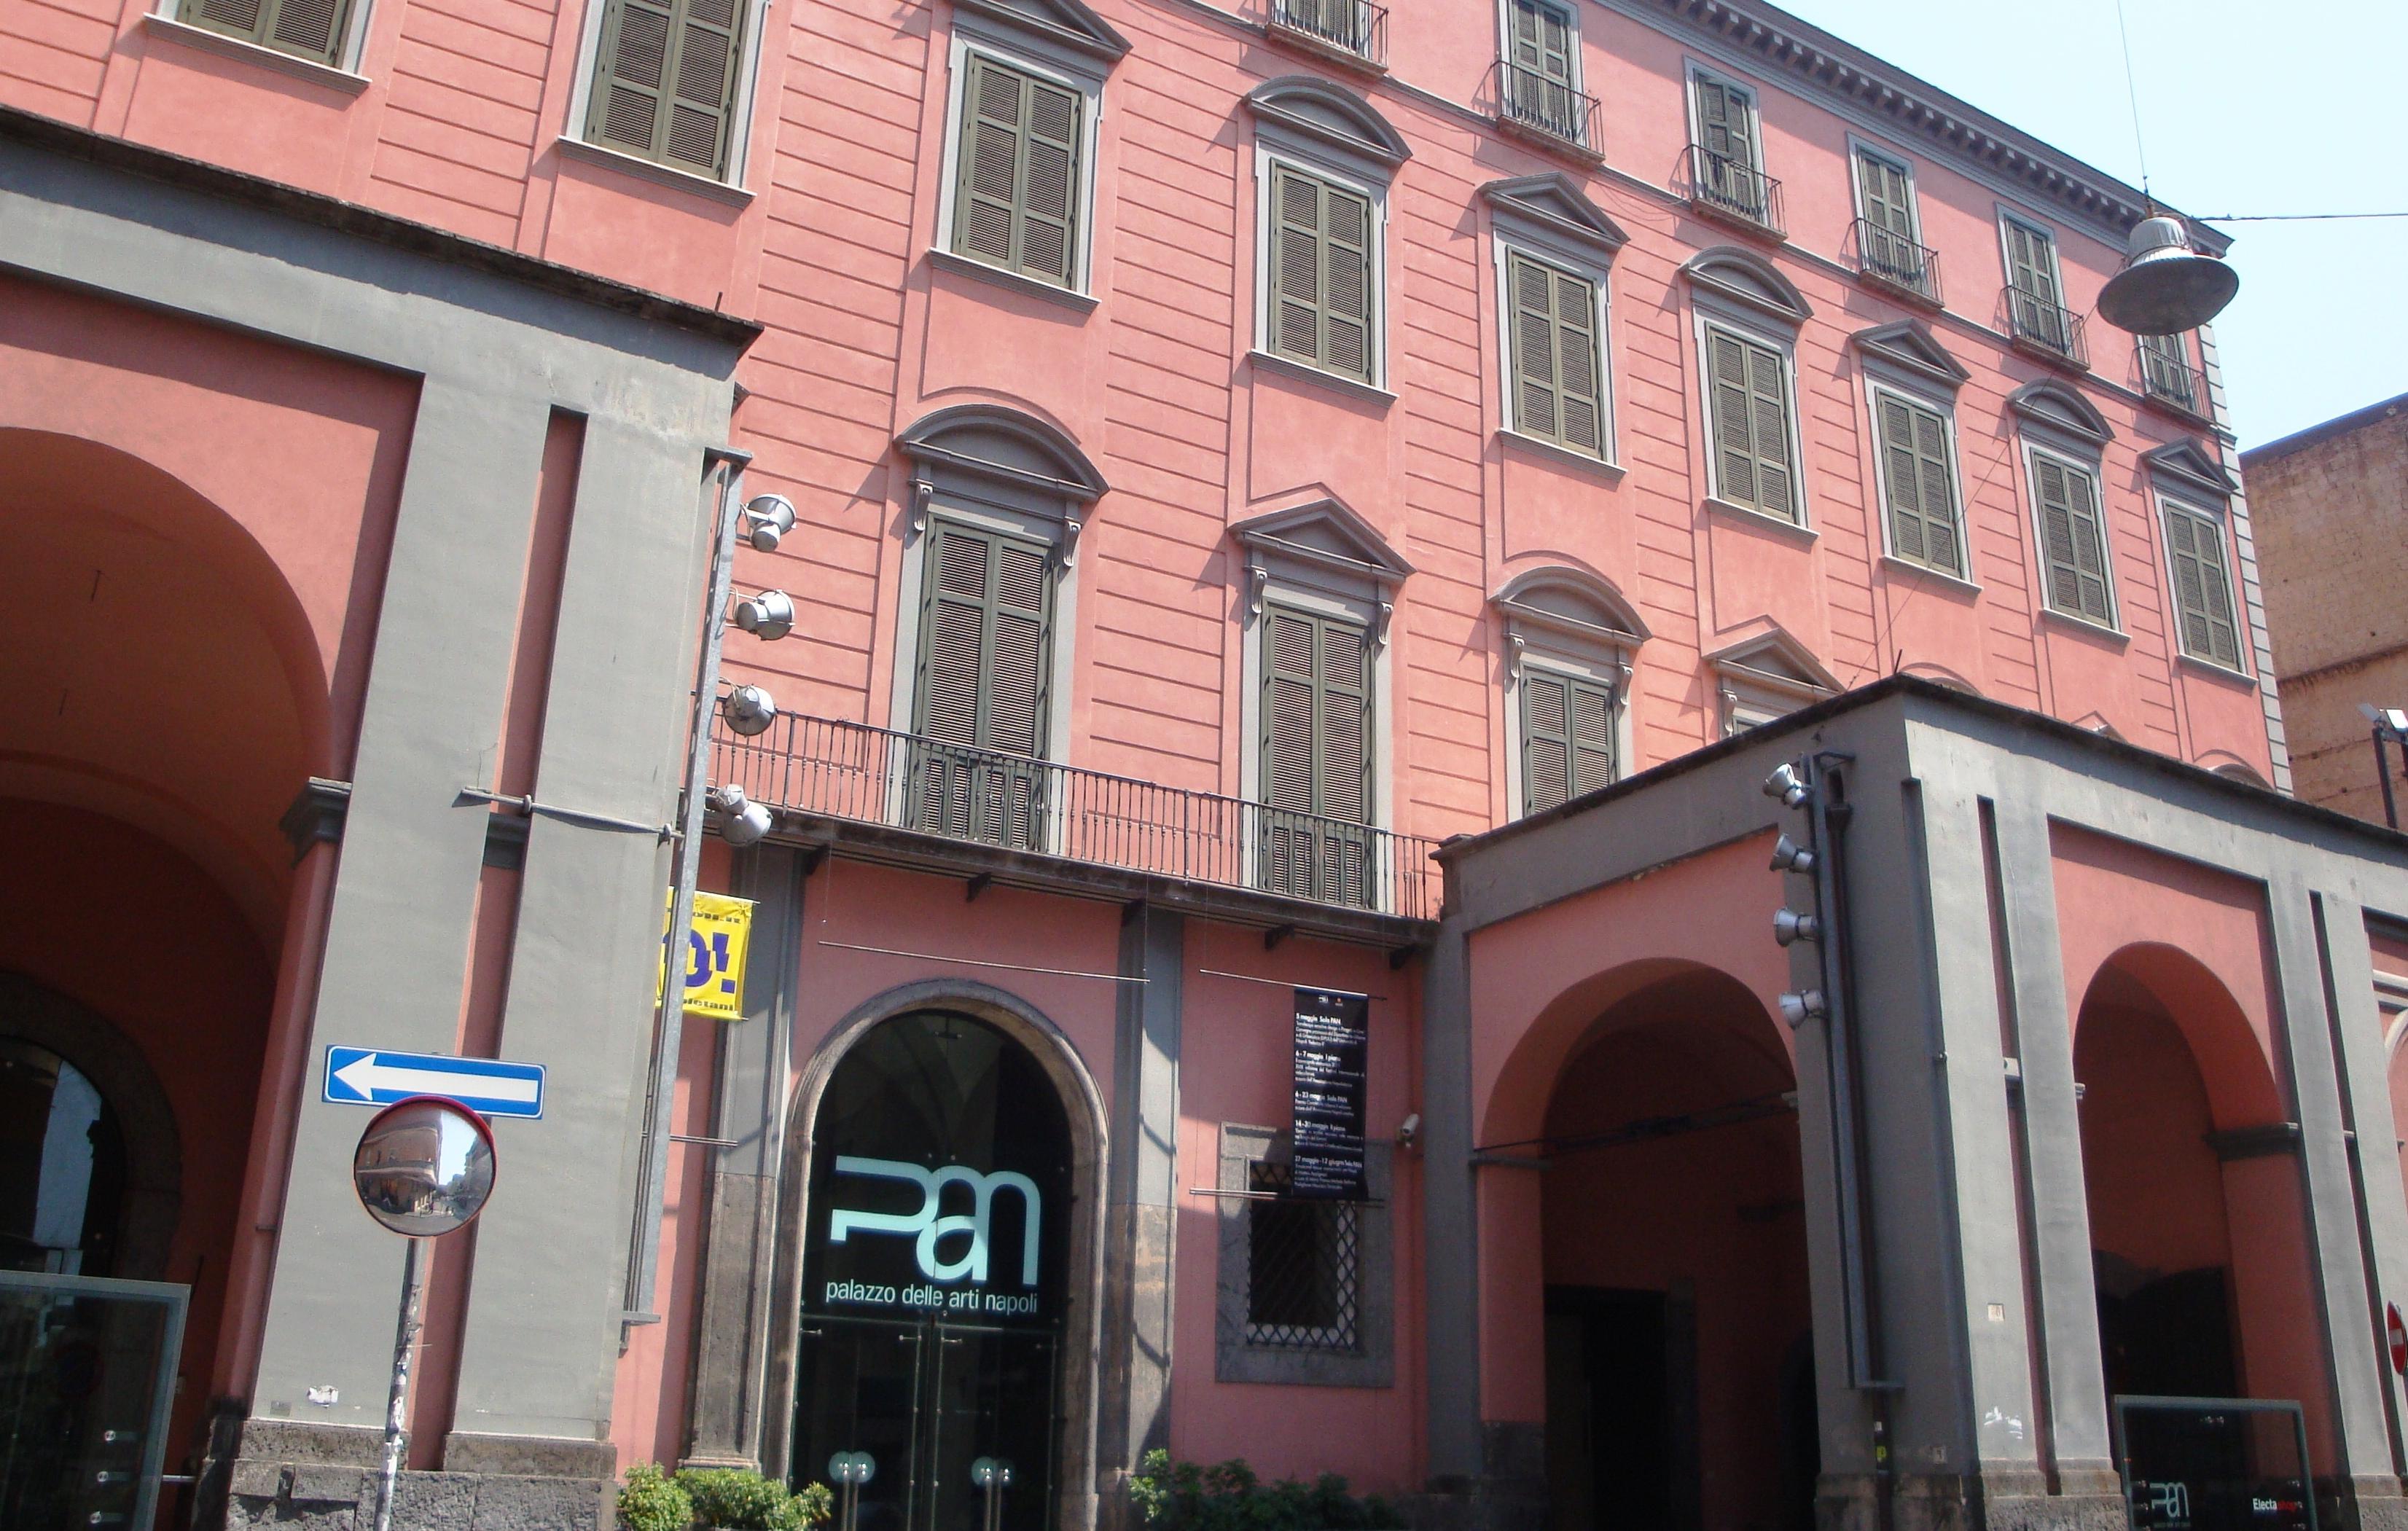 http://www.vienianapoli.com/2014/01/pan-palazzo-delle-arti-di-napoli.html Completato